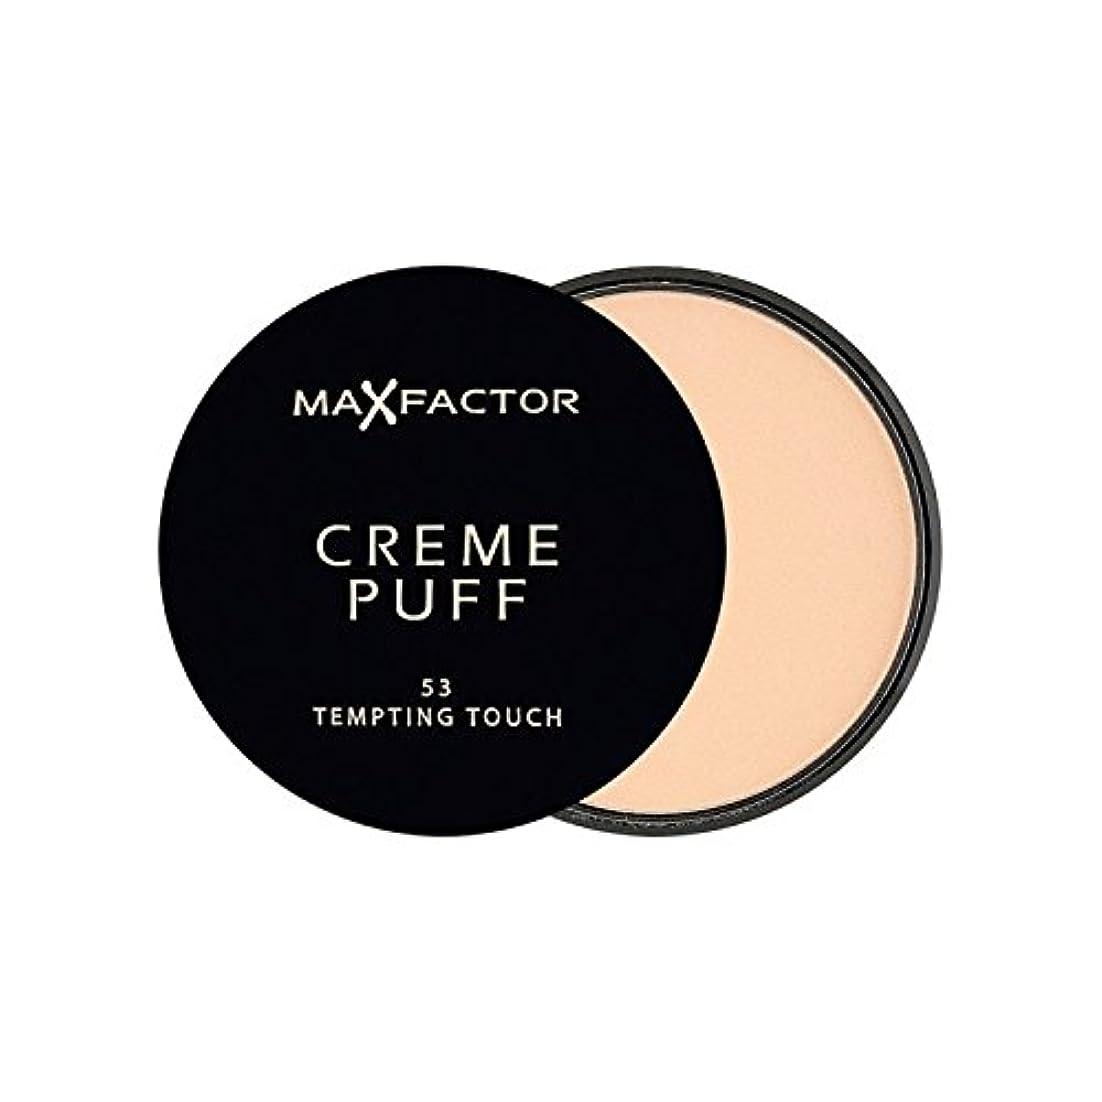 水星軽減するガラスマックスファクタークリームパフパウダーコンパクト魅力的なタッチ53 x2 - Max Factor Creme Puff Powder Compact Tempting Touch 53 (Pack of 2) [並行輸入品]